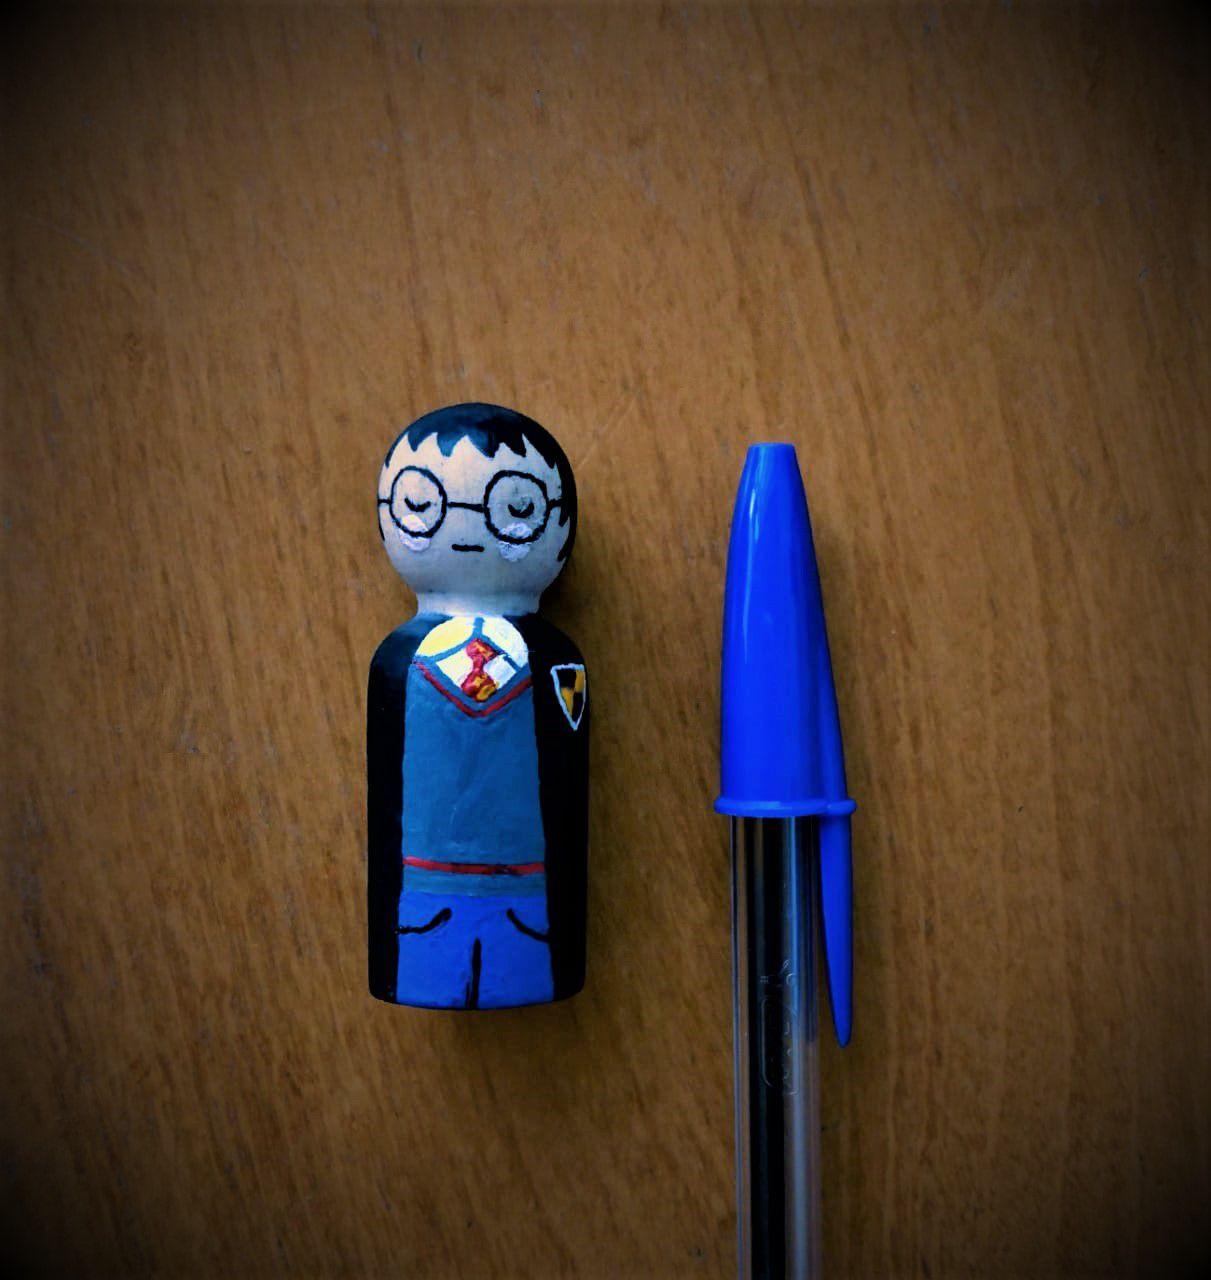 Peg Doll, bonequinho de madeira - Cód. Peg-003